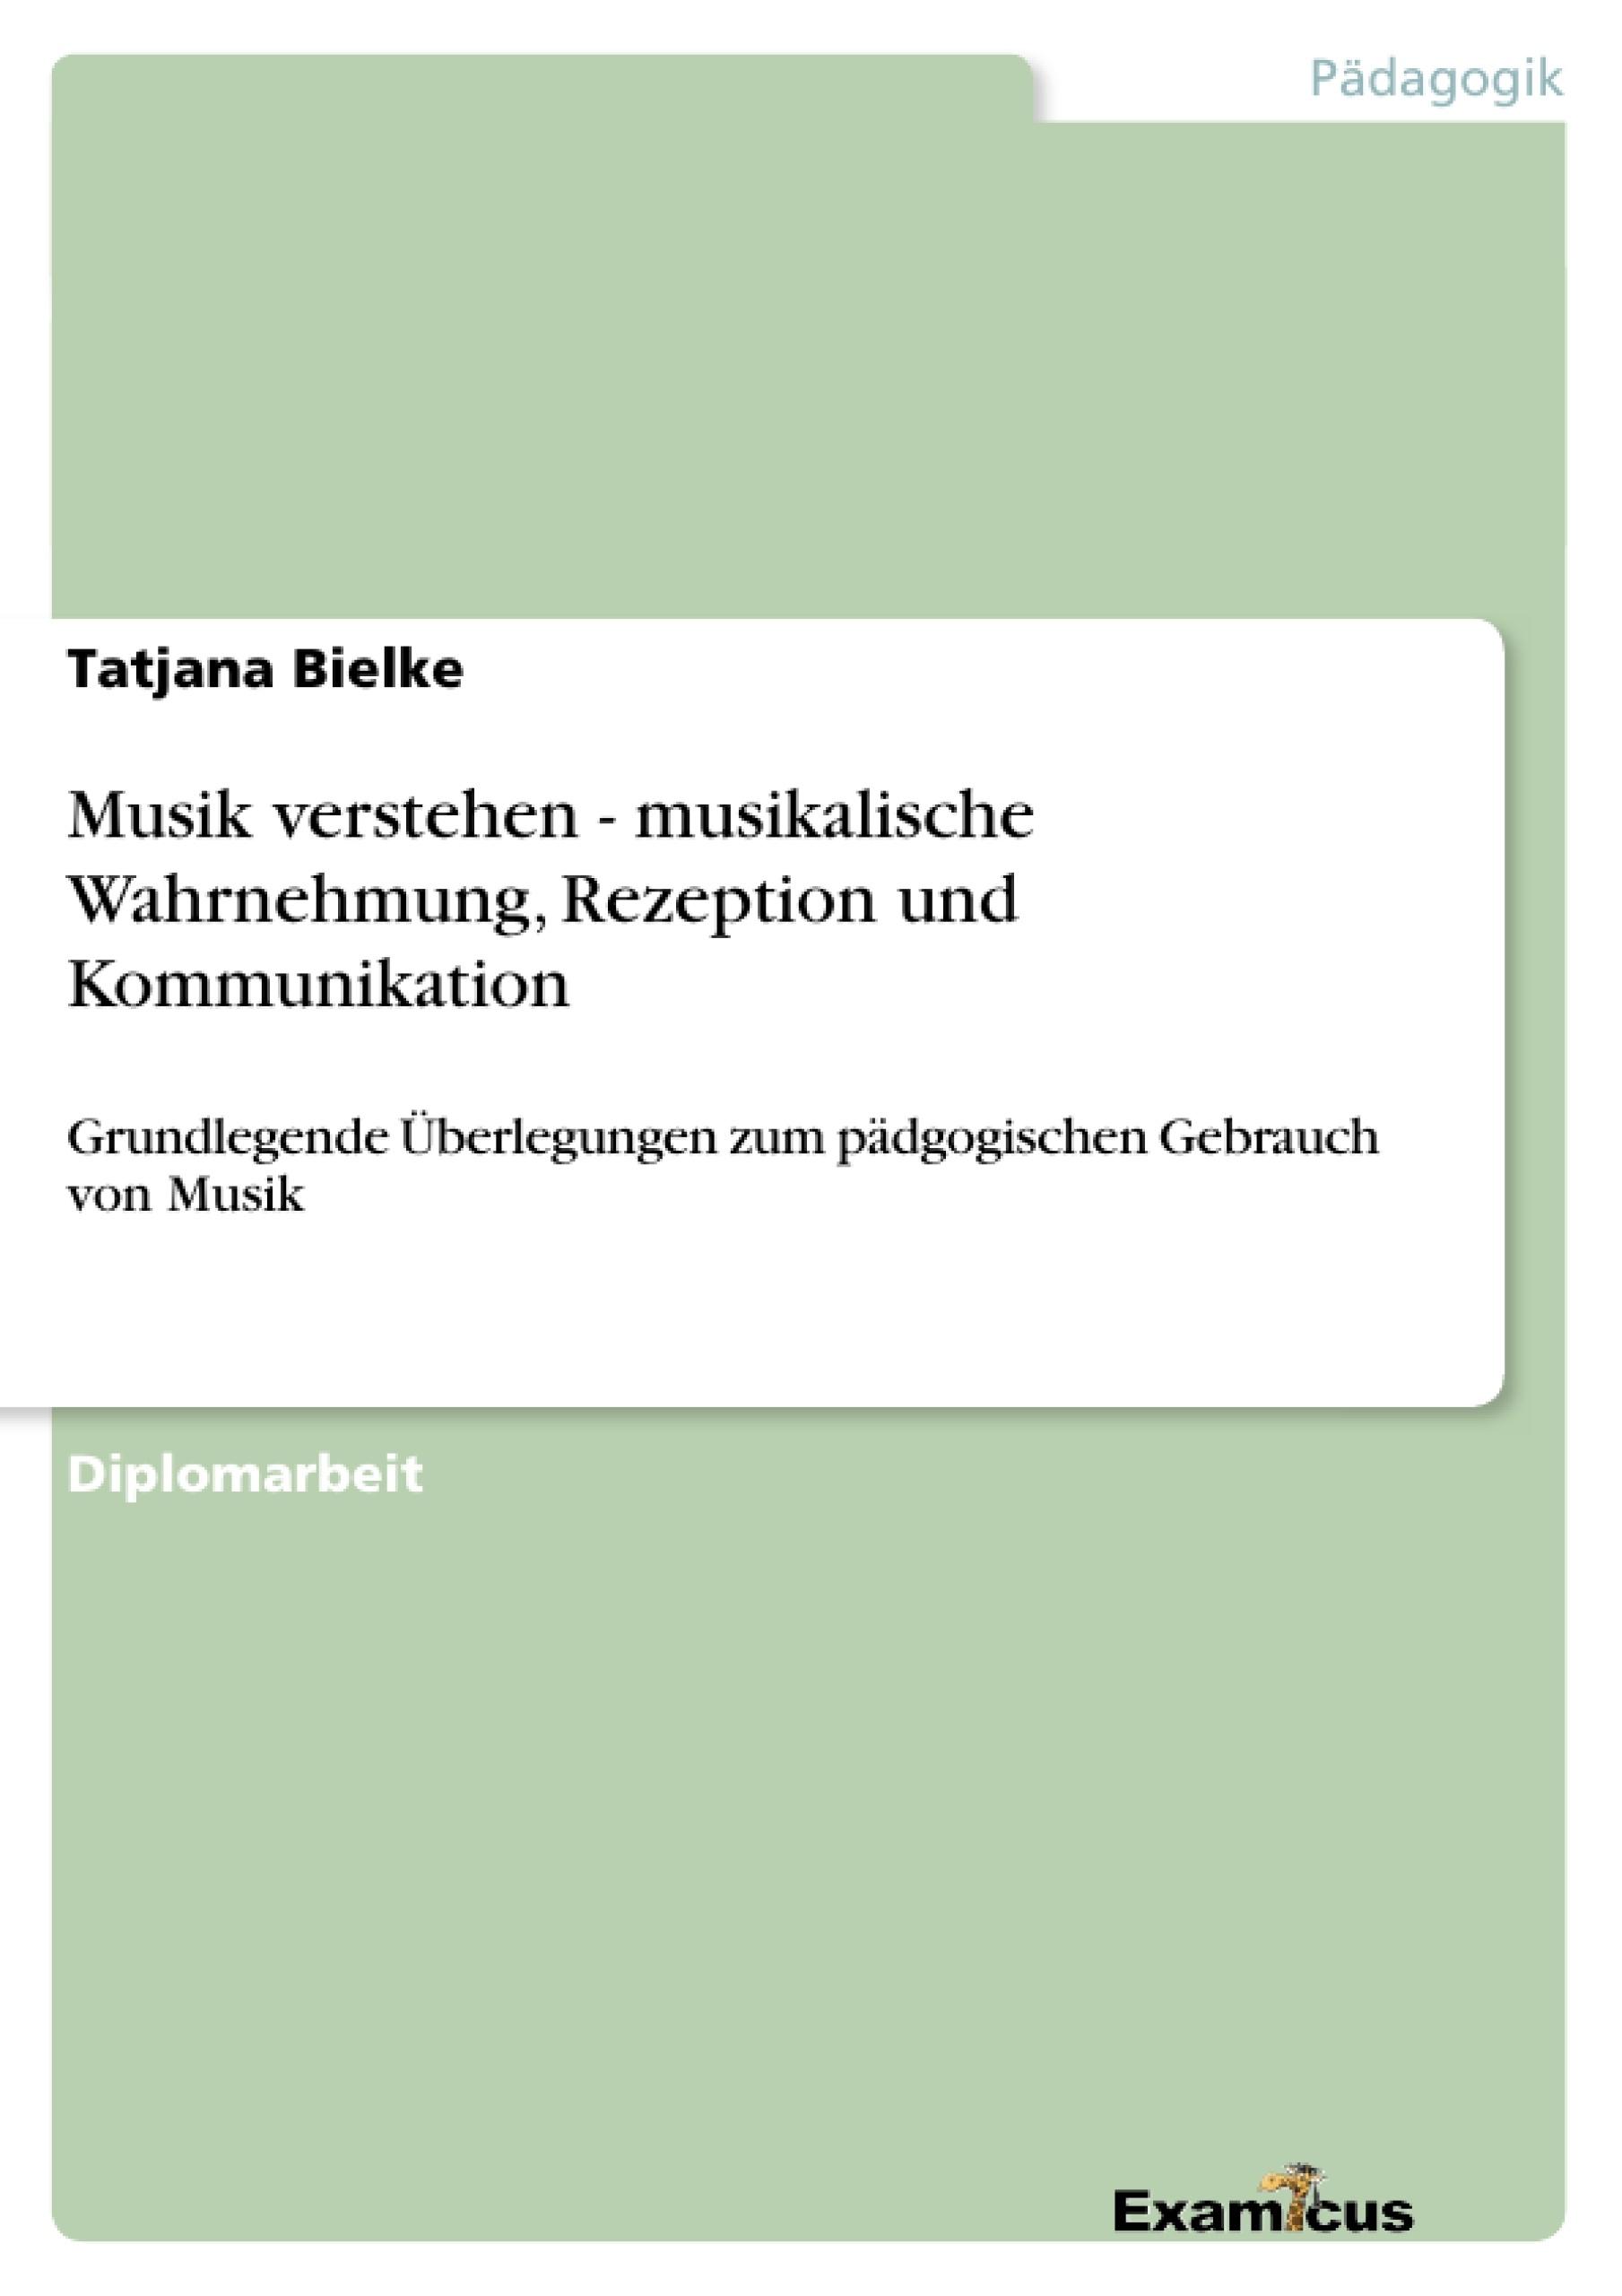 Titel: Musik verstehen - musikalische Wahrnehmung, Rezeption und Kommunikation